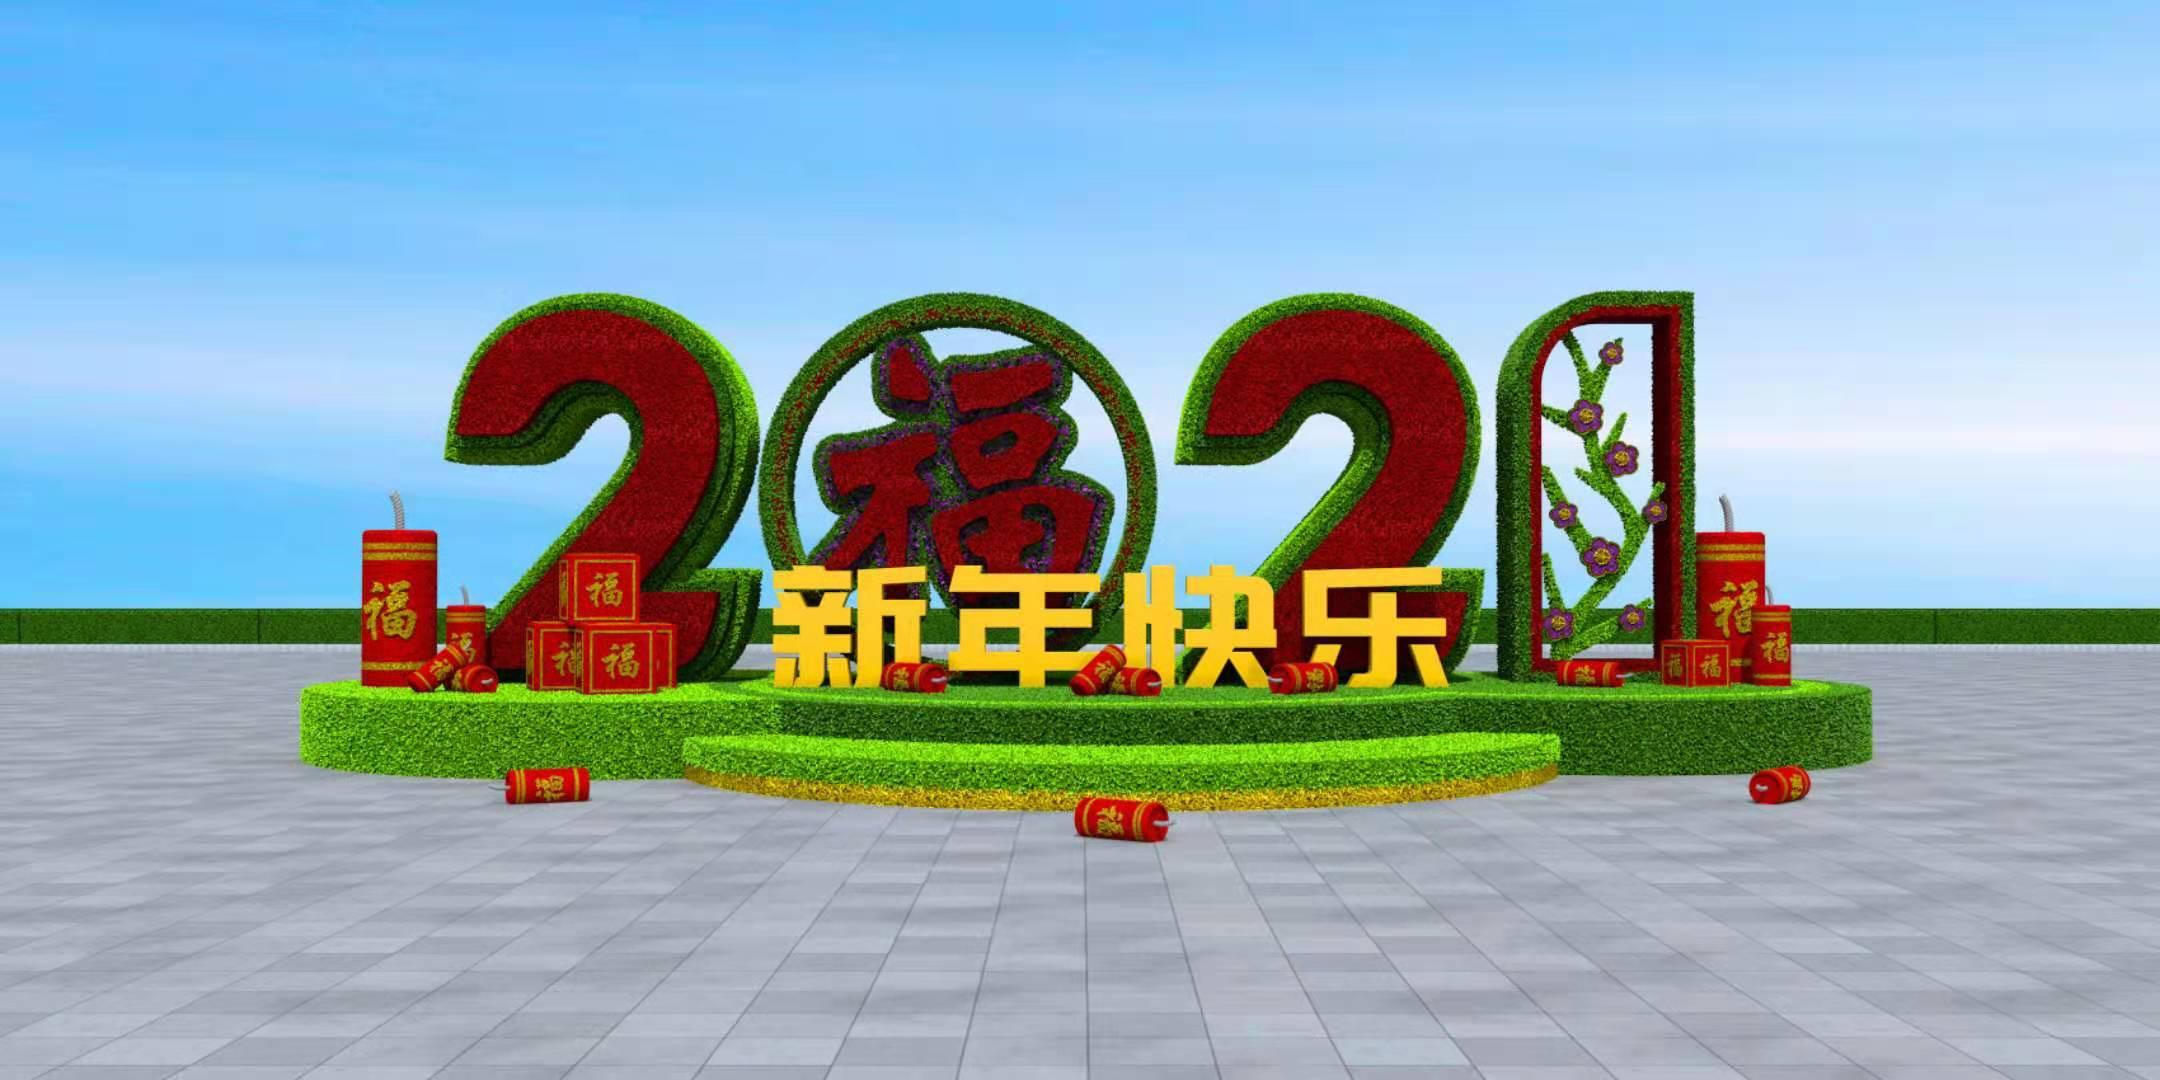 宿州春节绿雕厂家-淮北春节绿雕加工-淮北春节绿雕厂家